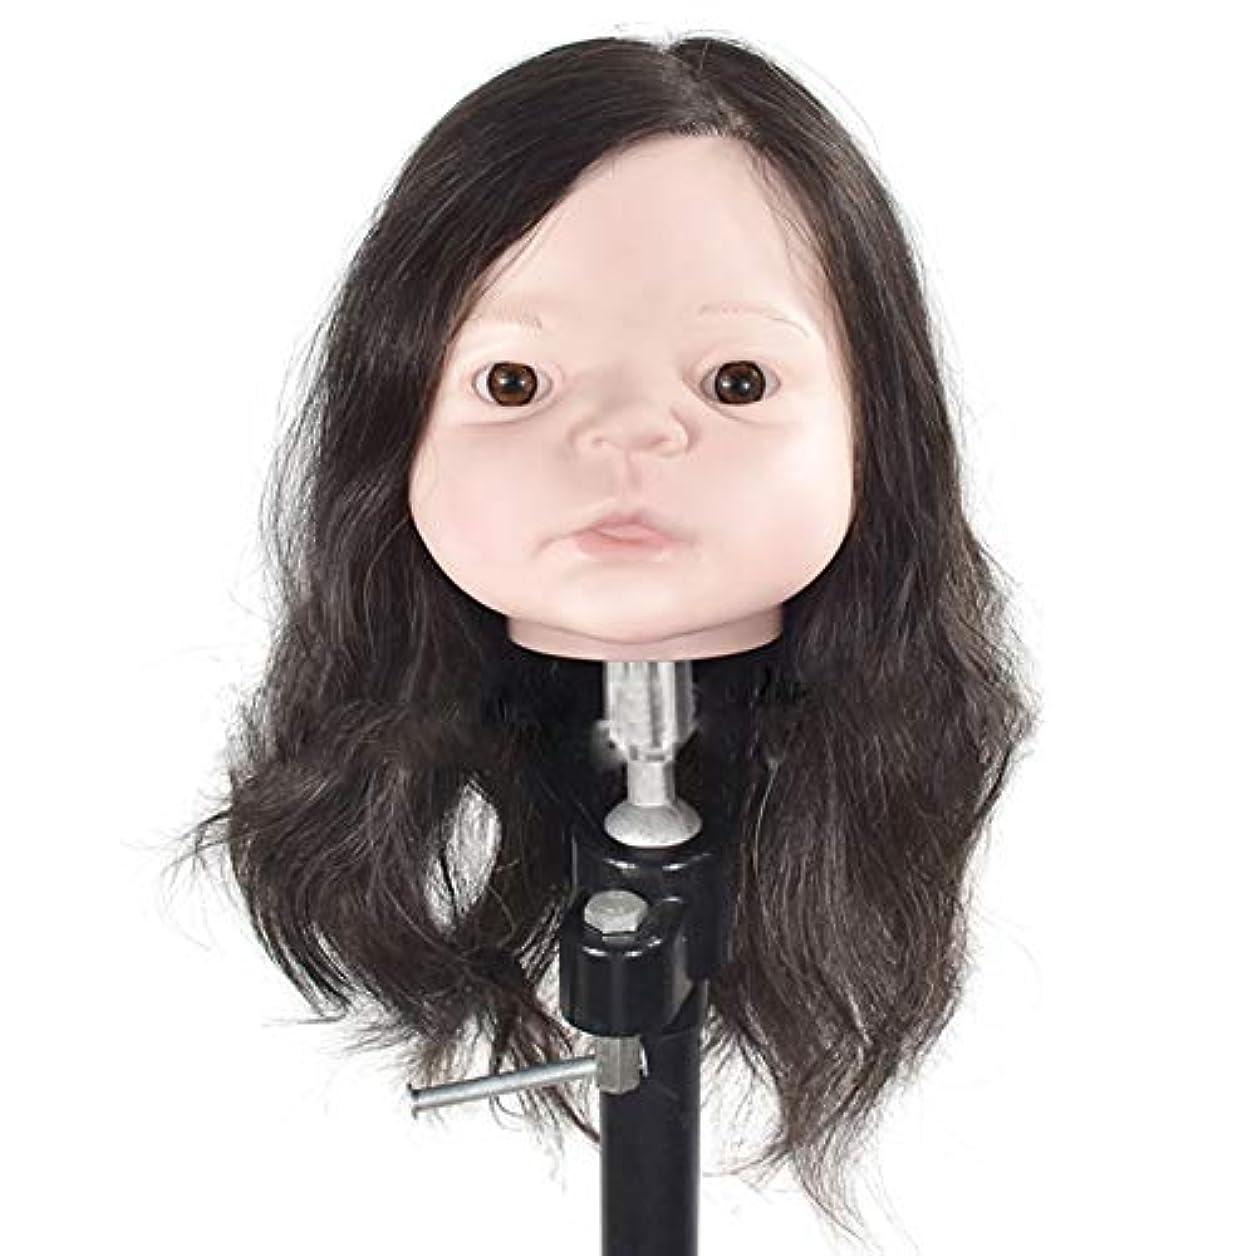 オーラル同性愛者硫黄専門の練習ホット染色漂白鋏モデリングマニアックヘッド編み髪のかつら模型人形ティーチングヘッド